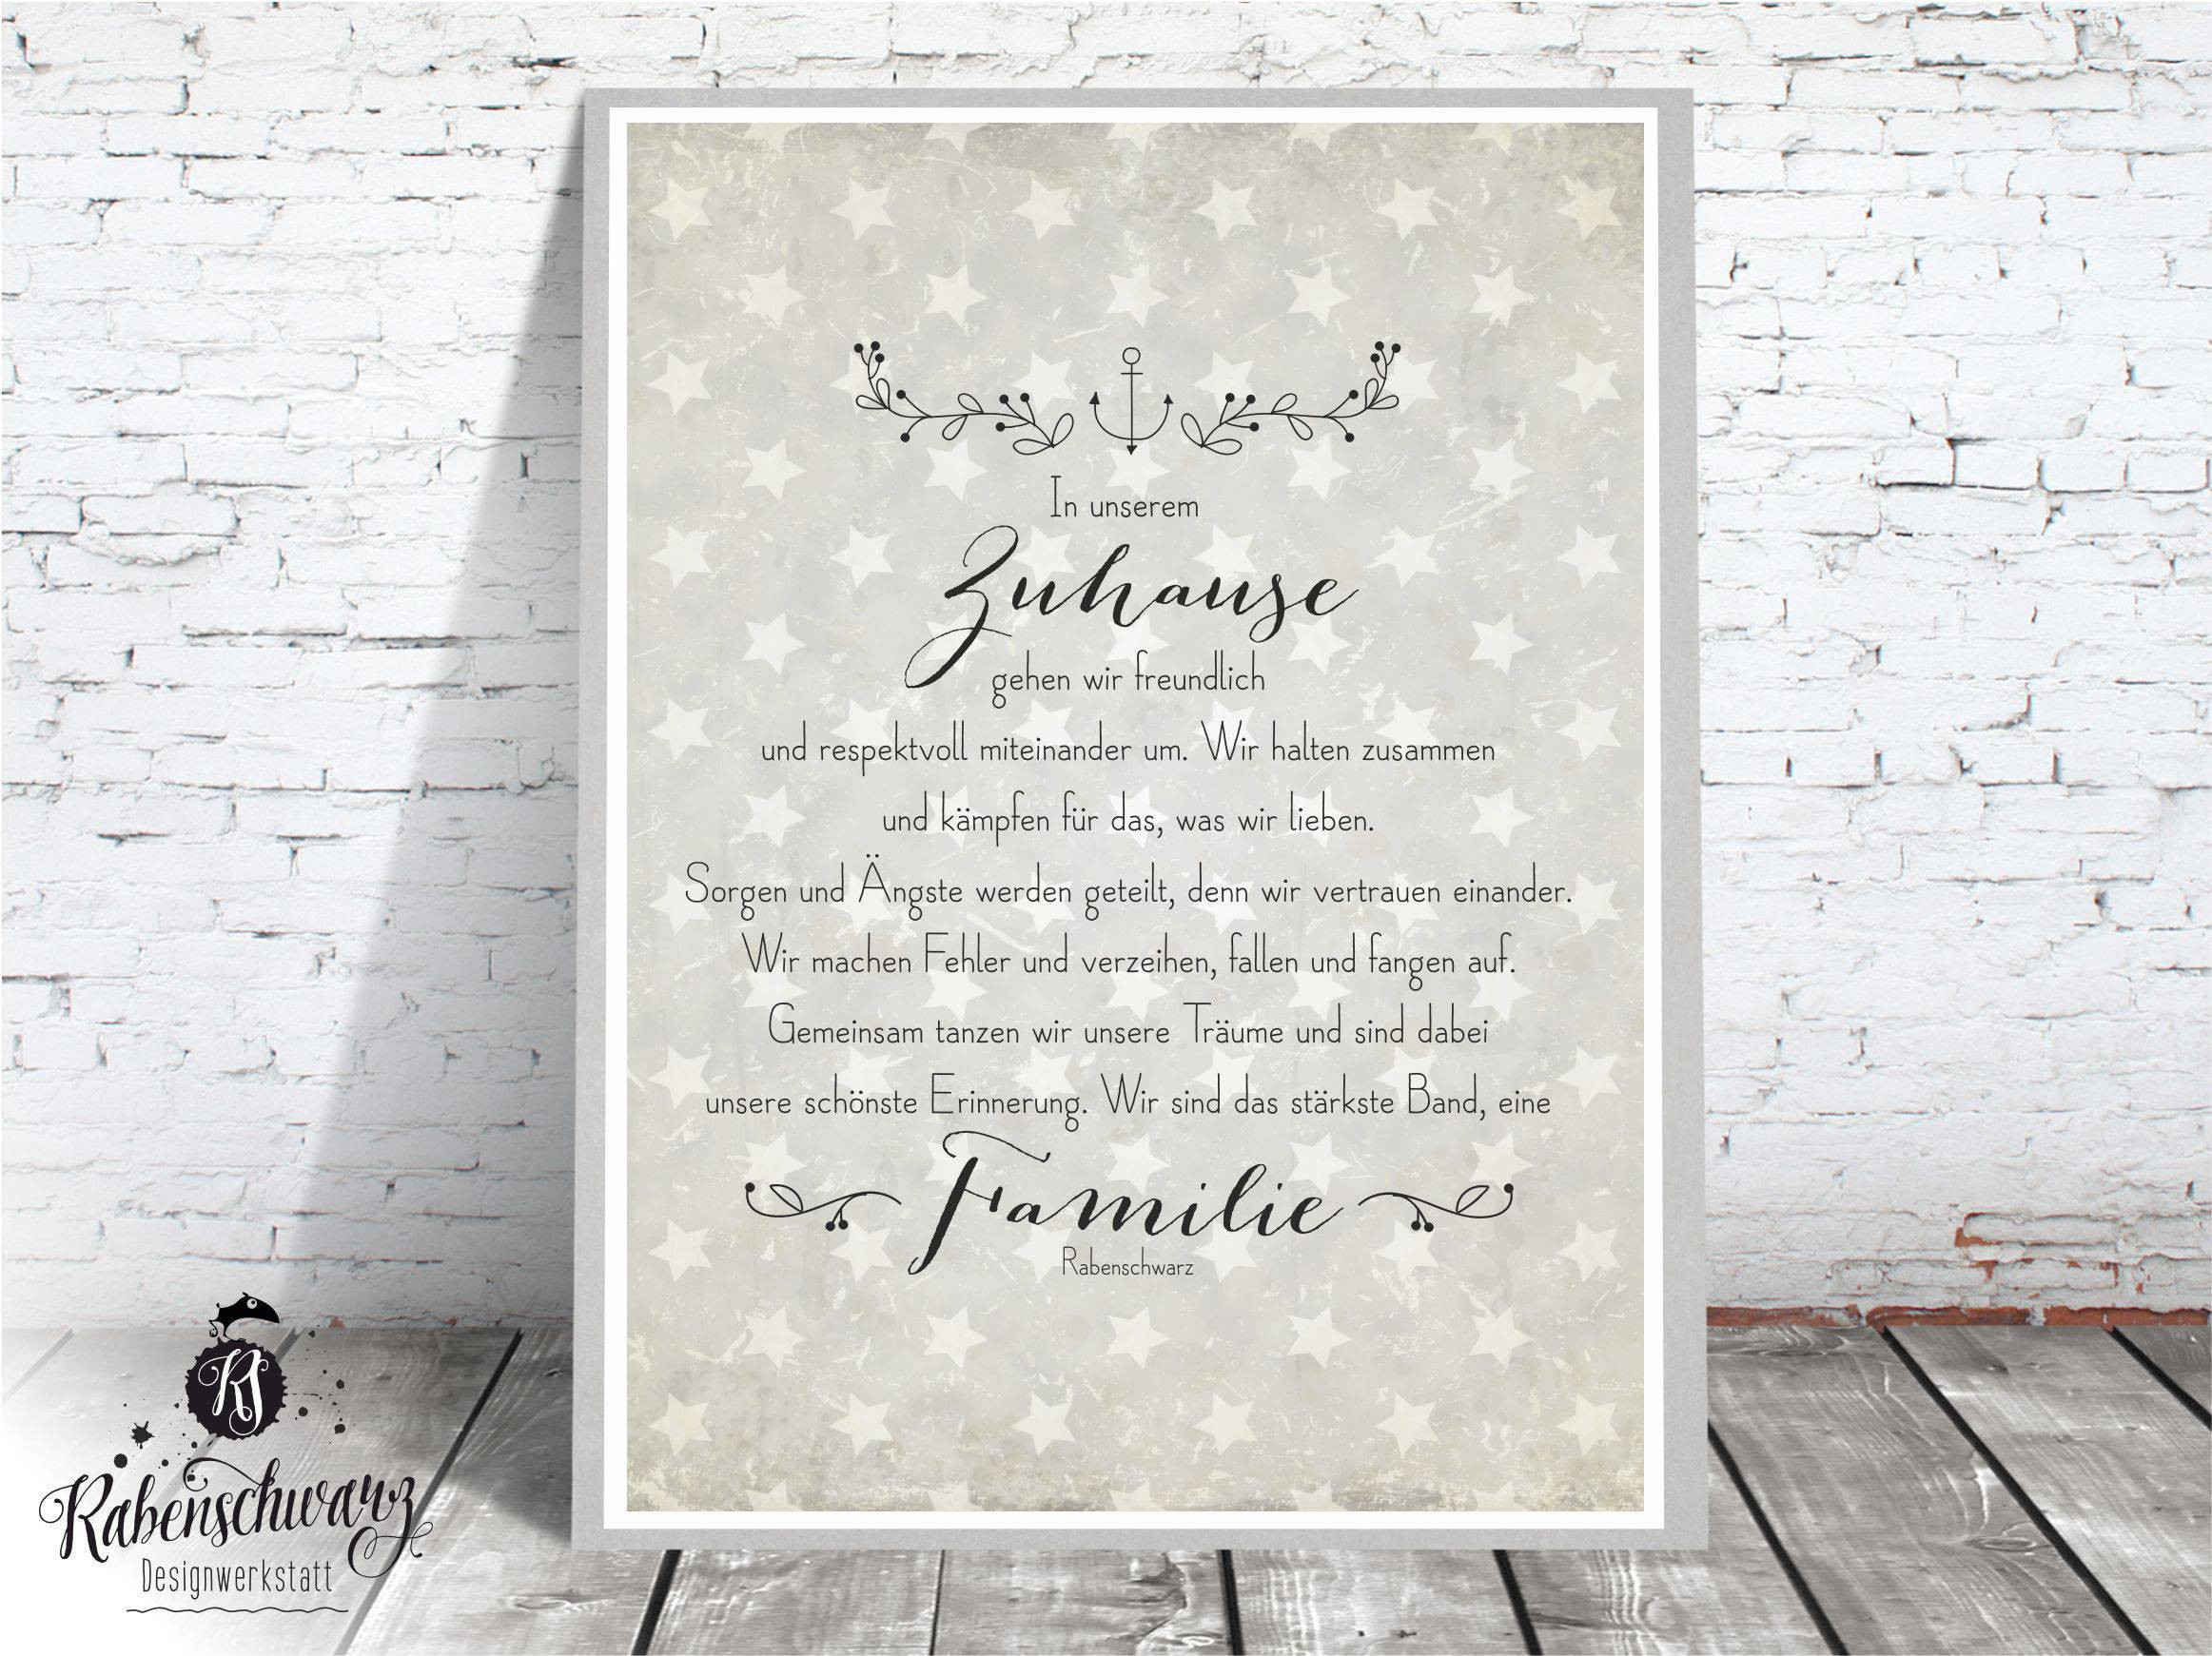 Dankeskarte Hochzeit Text  Dankeskarten Hochzeit Text Dankeskarte Hochzeit Text